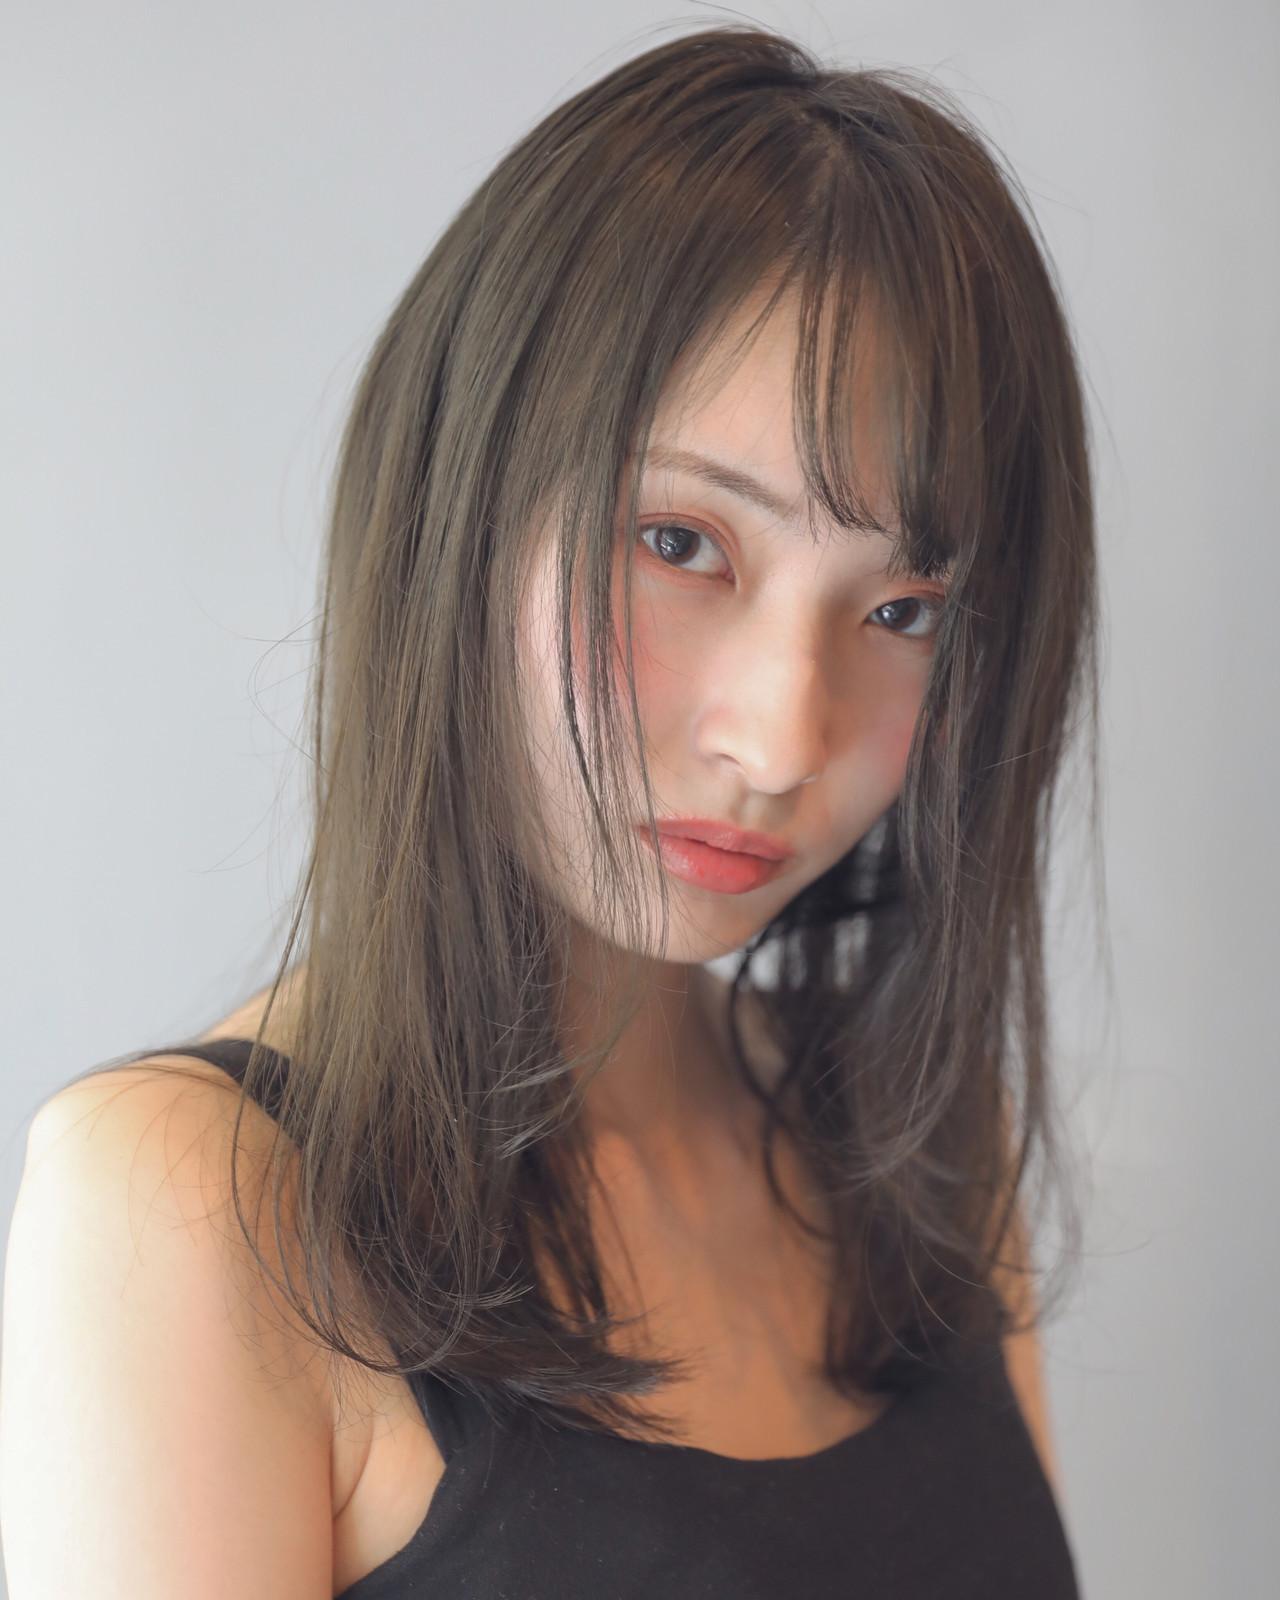 ミディアム フェミニン スモーキーアッシュ ハイトーンカラー ヘアスタイルや髪型の写真・画像